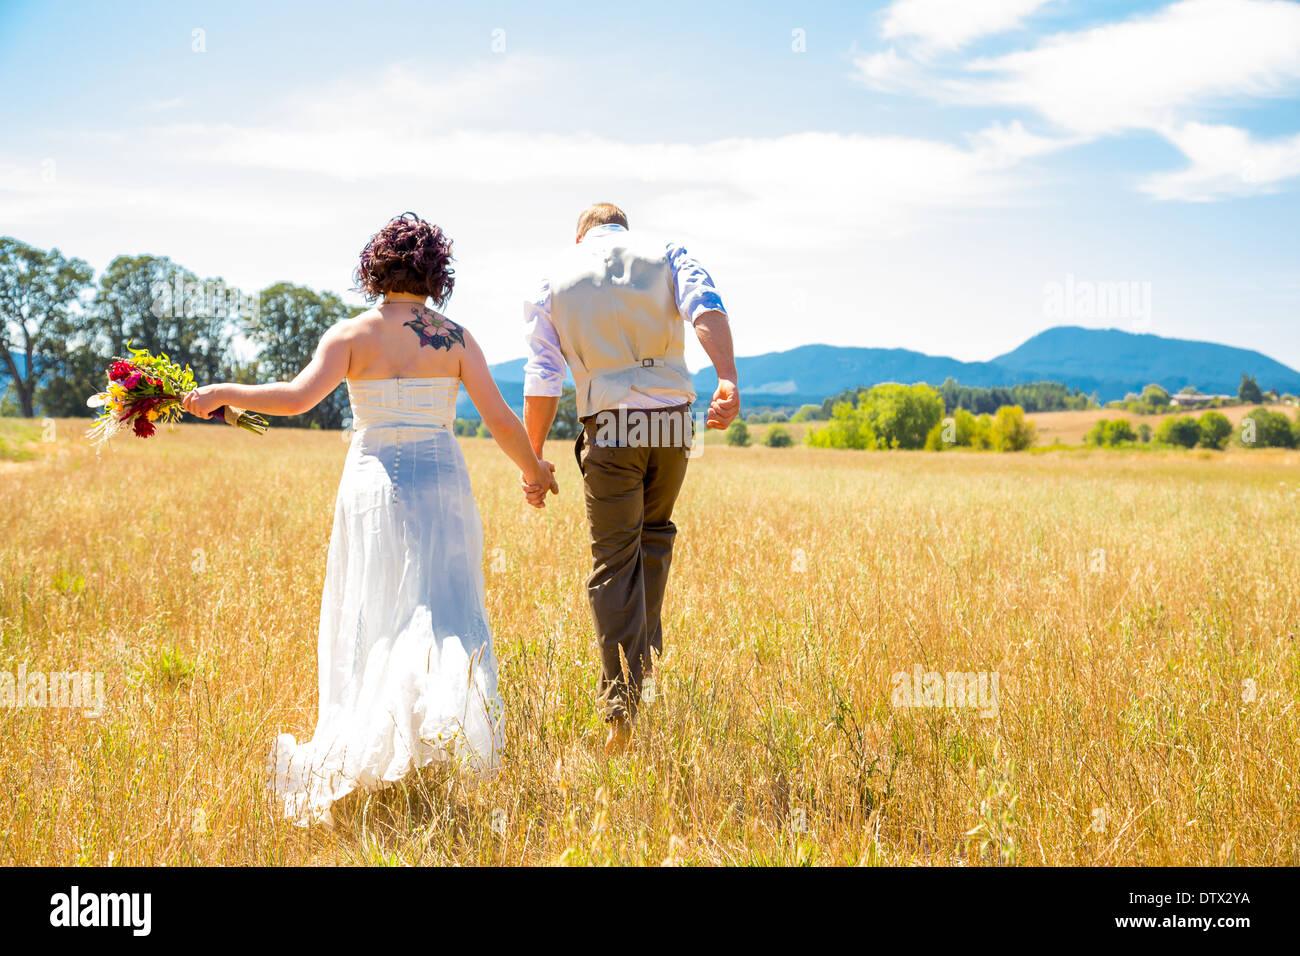 Braut und Bräutigam am Tag ihrer Hochzeit durch ein Feld in Oregon zusammen spazieren. Stockbild